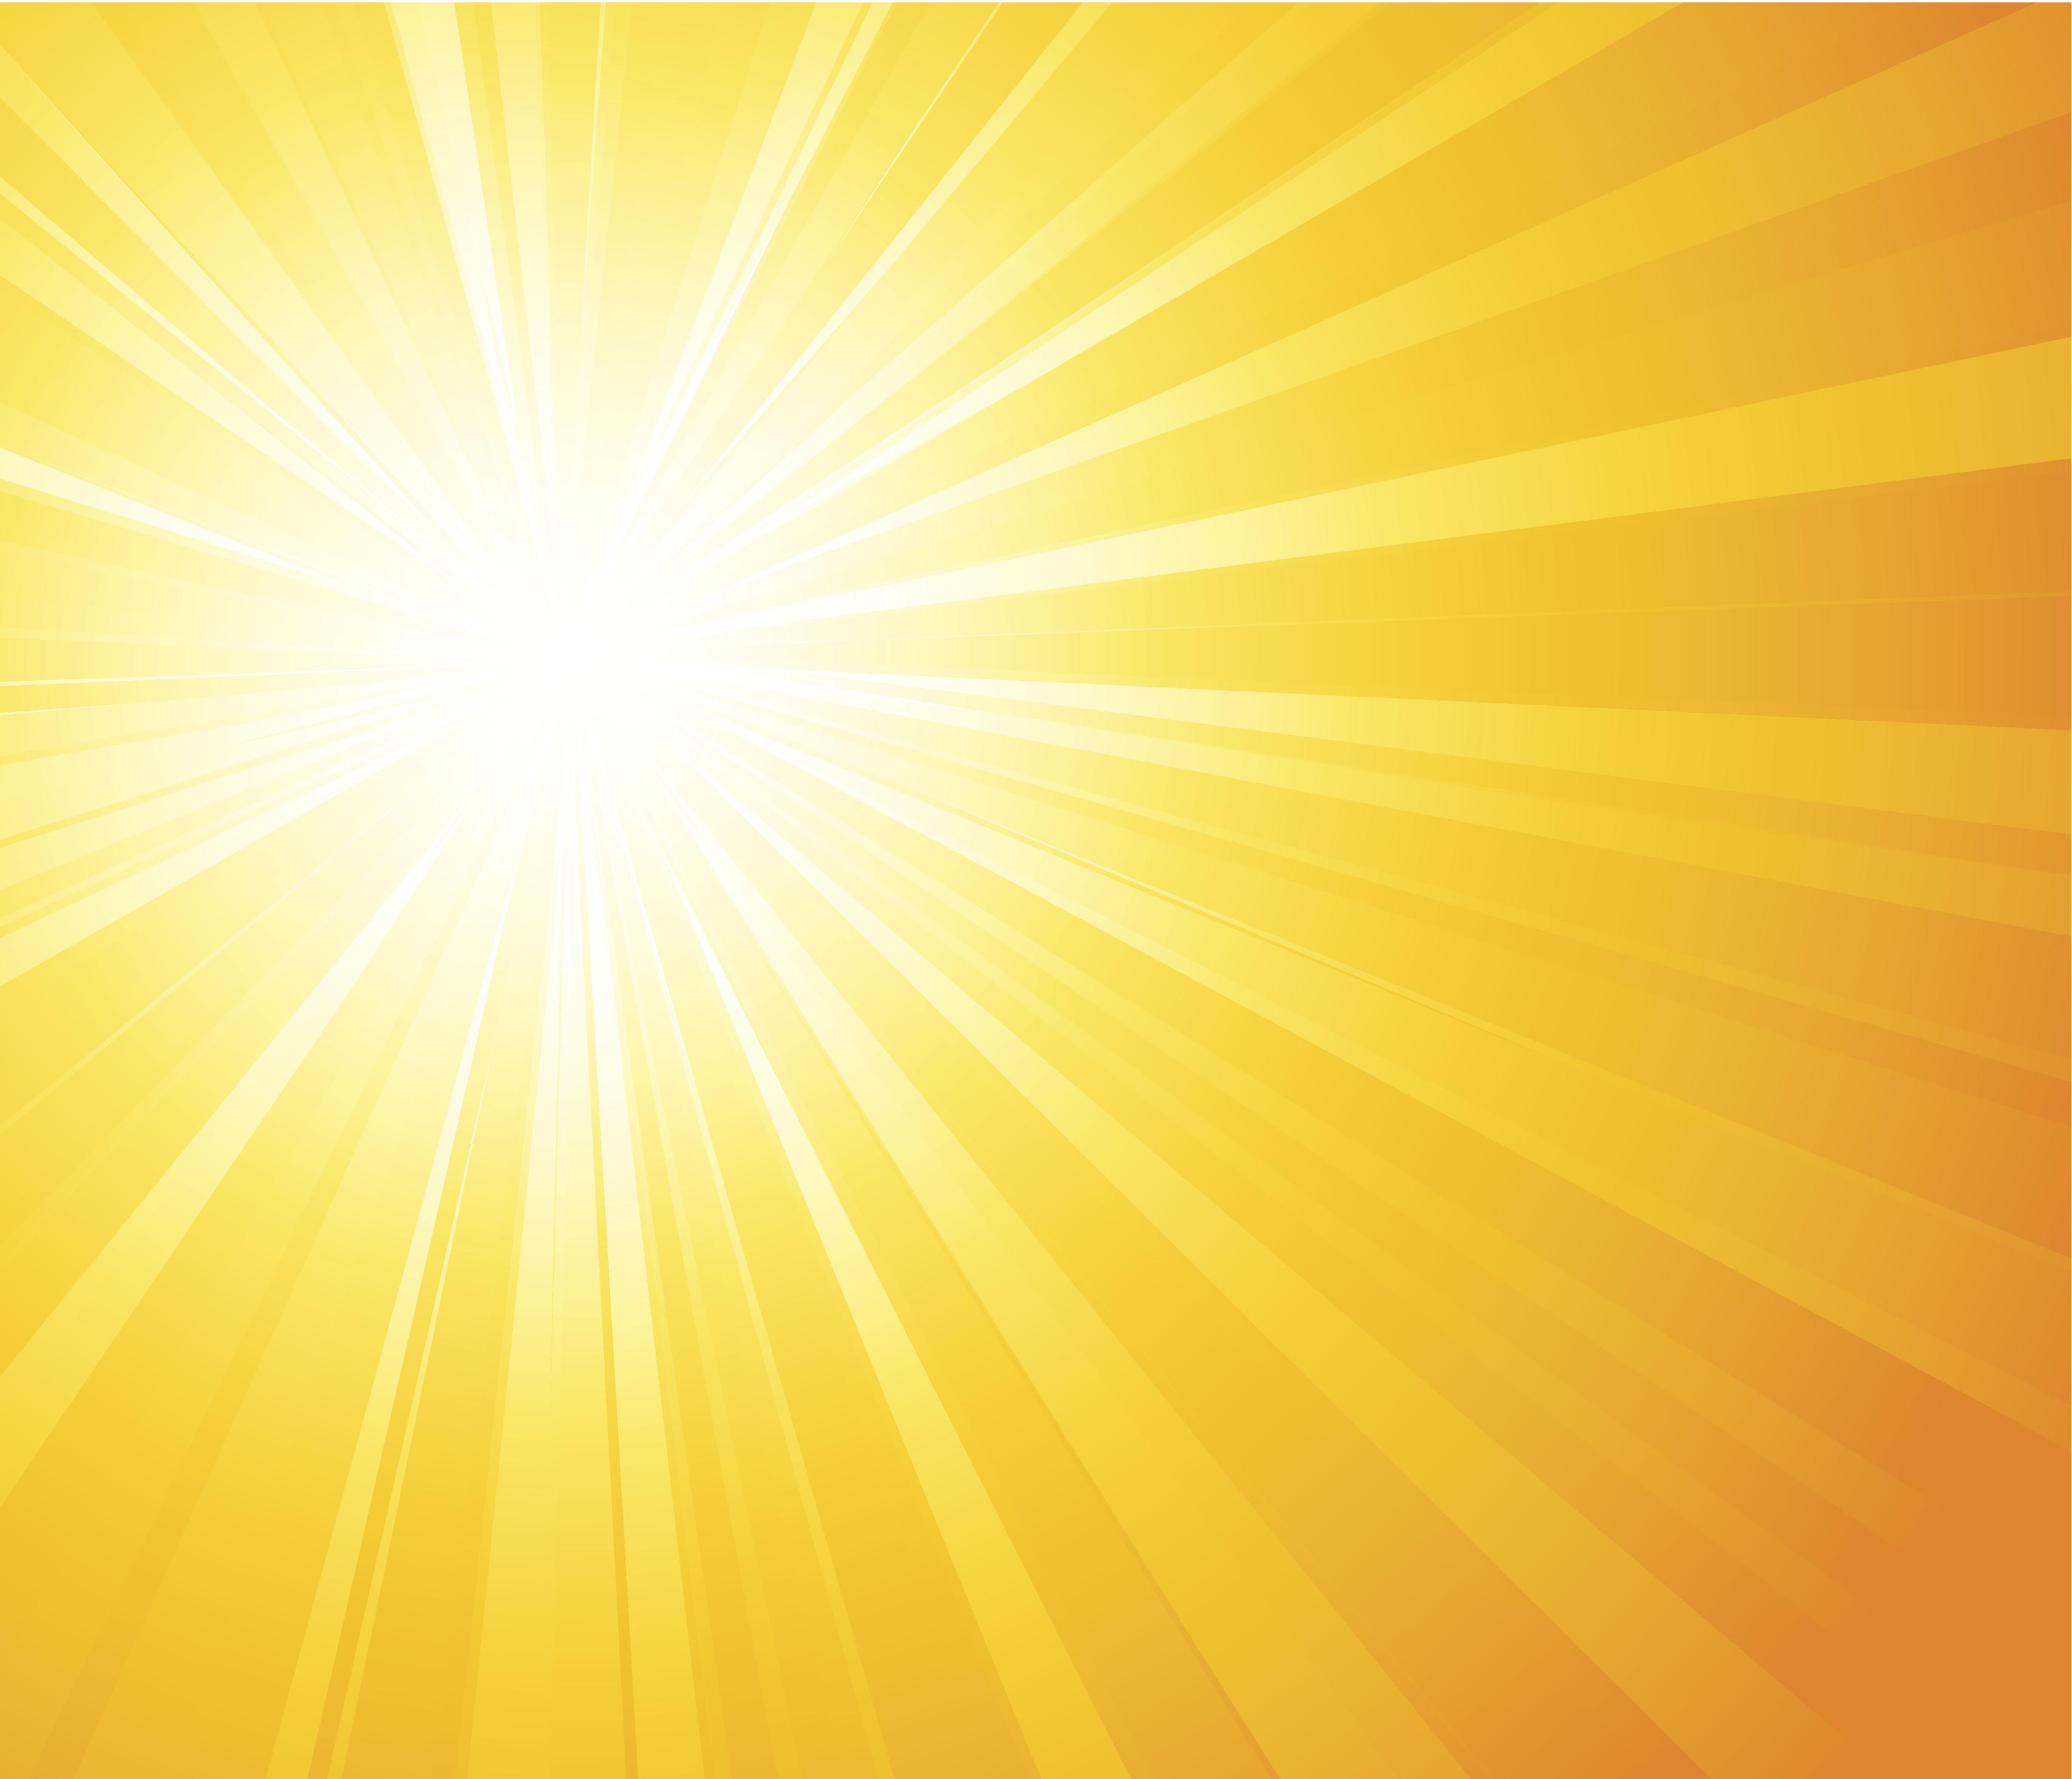 Bright clipart sun background Download Art Sun Free sun